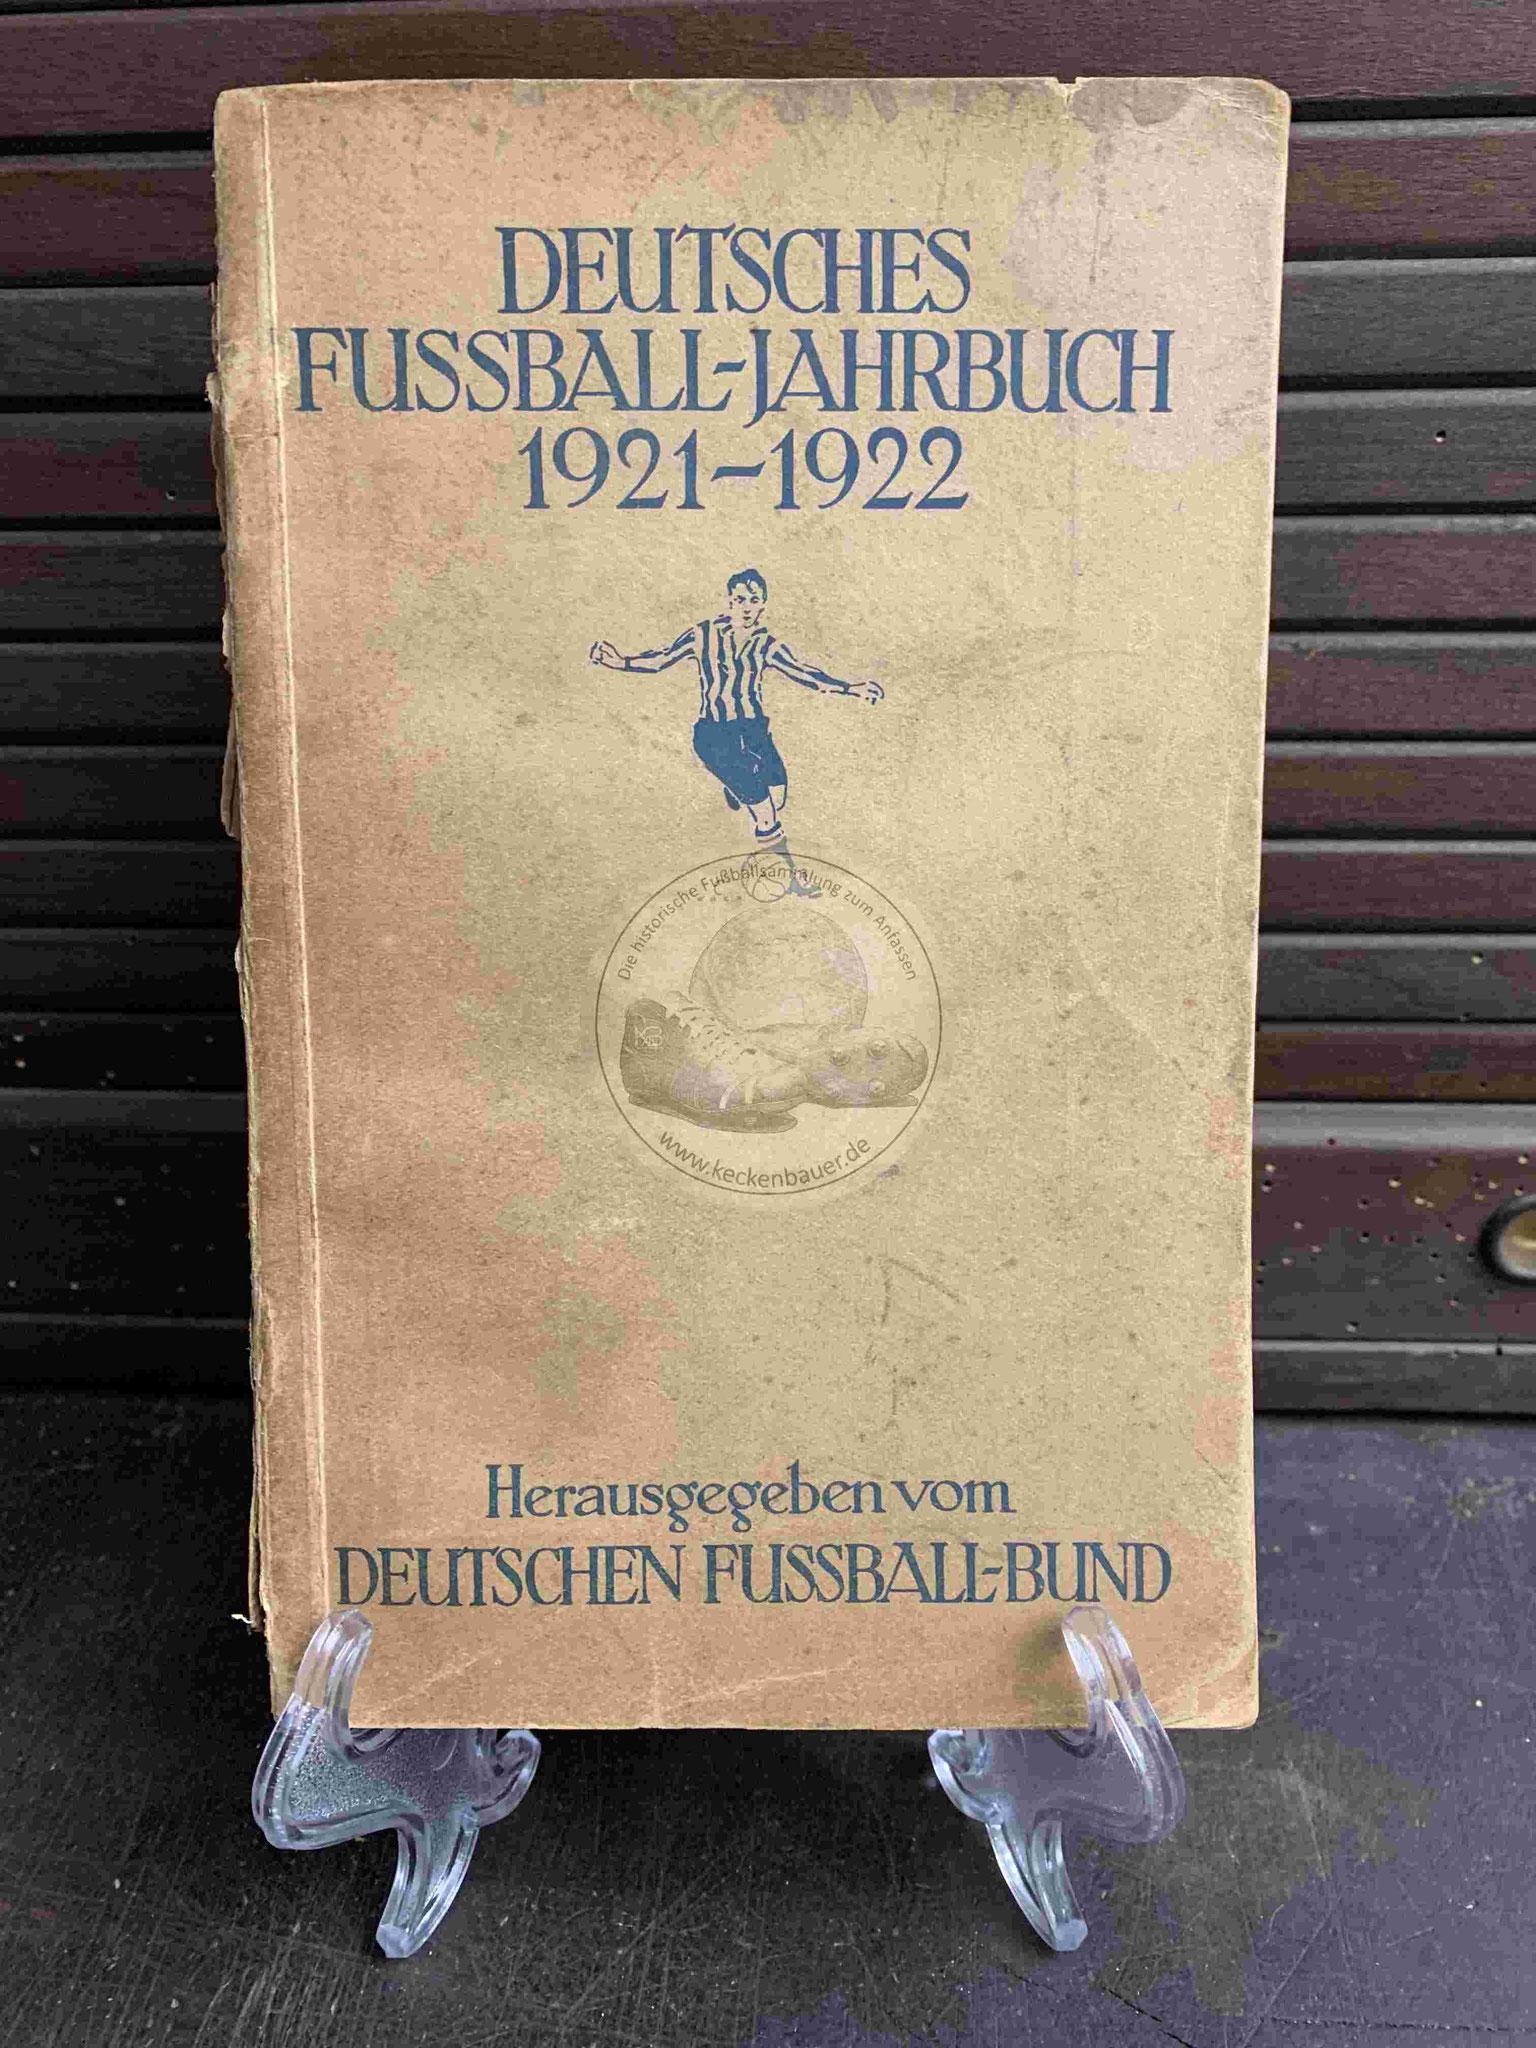 Deutsche Fussball Jahrbuch vom DFB aus dem Jahr 1922